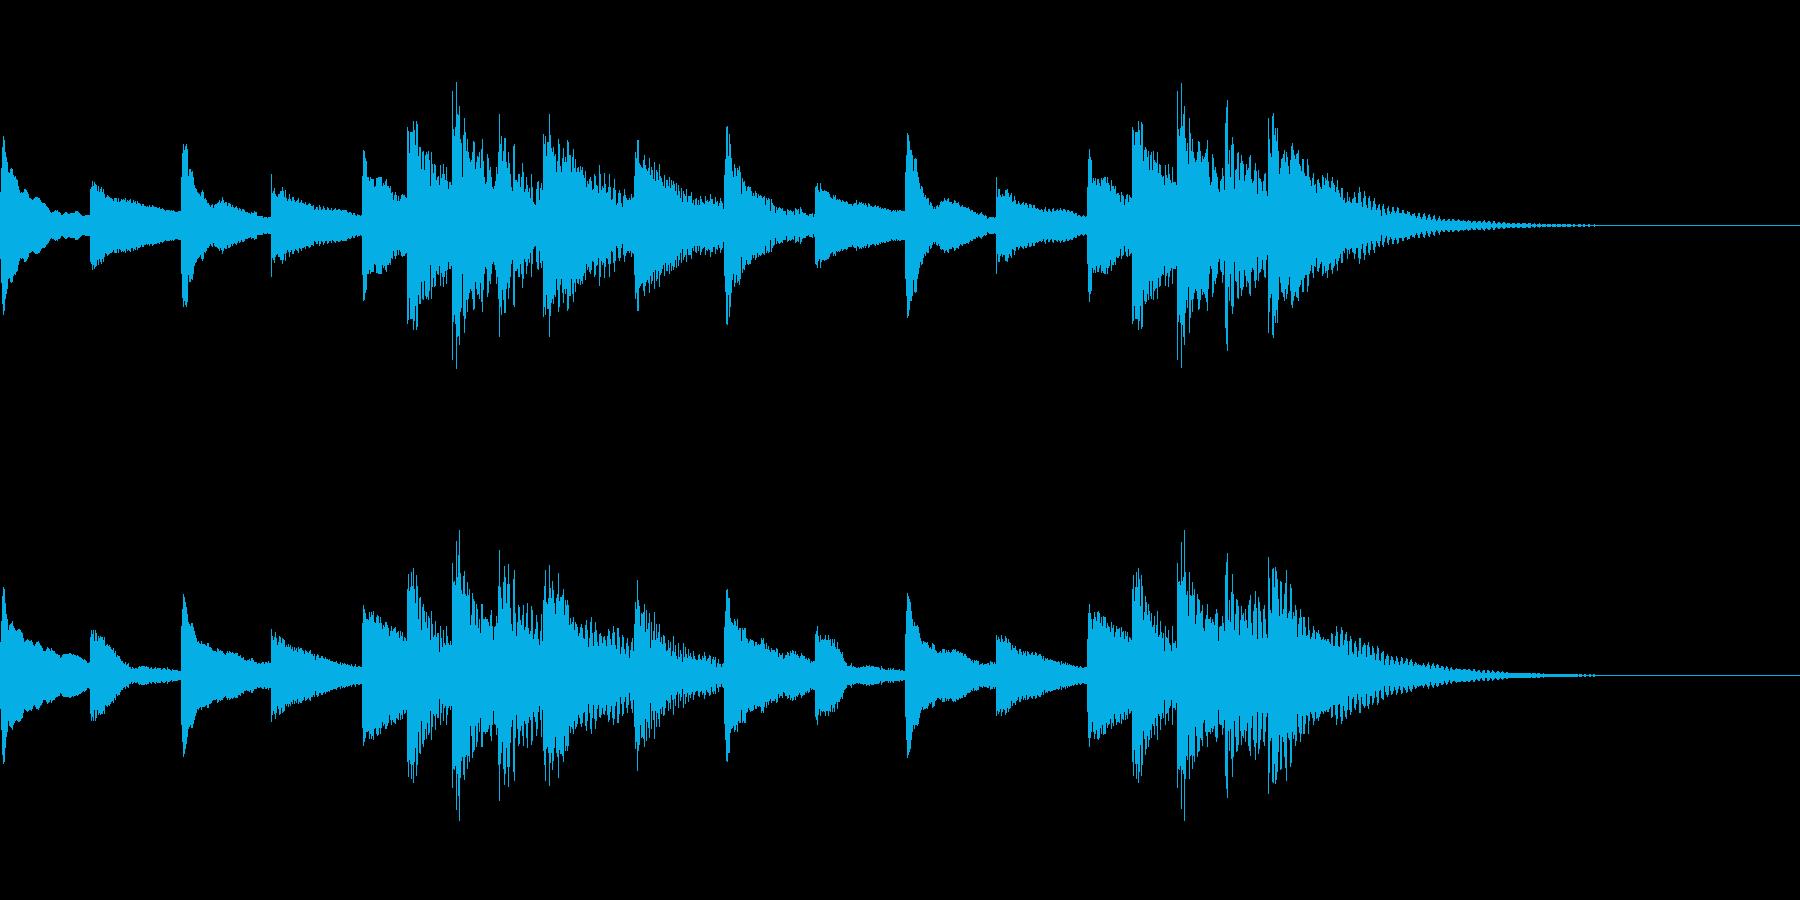 可愛い木琴ジングルの再生済みの波形